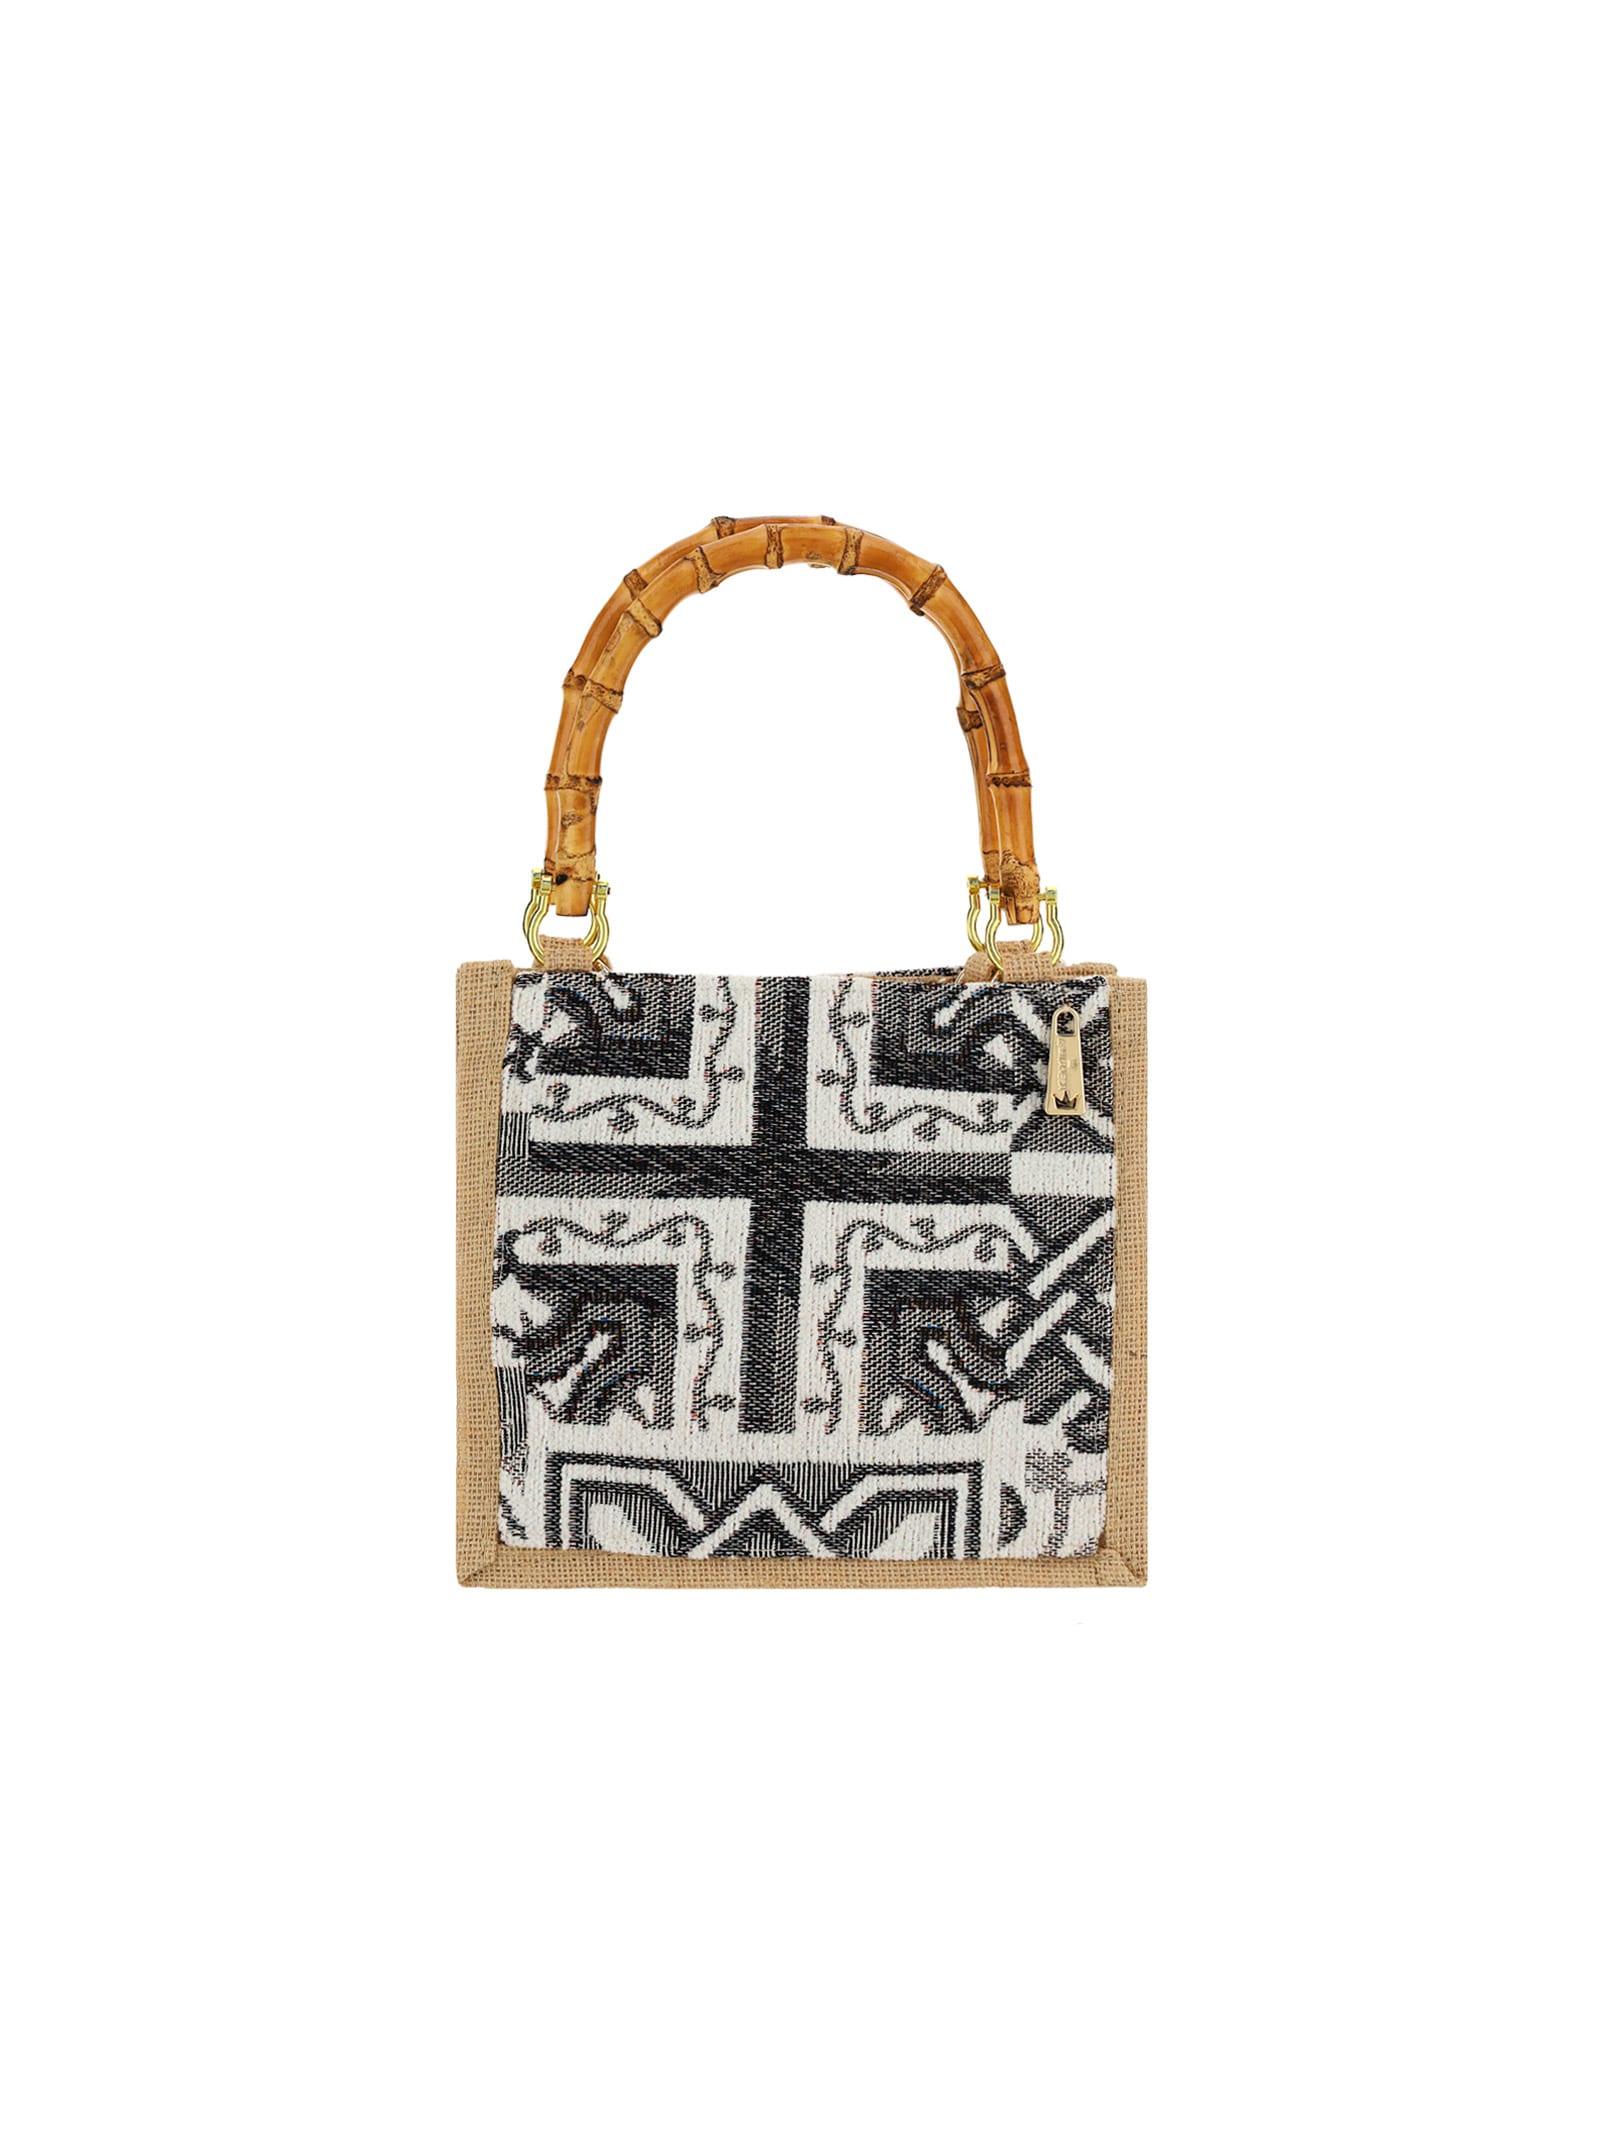 La Milanesa Asia Small Handbag